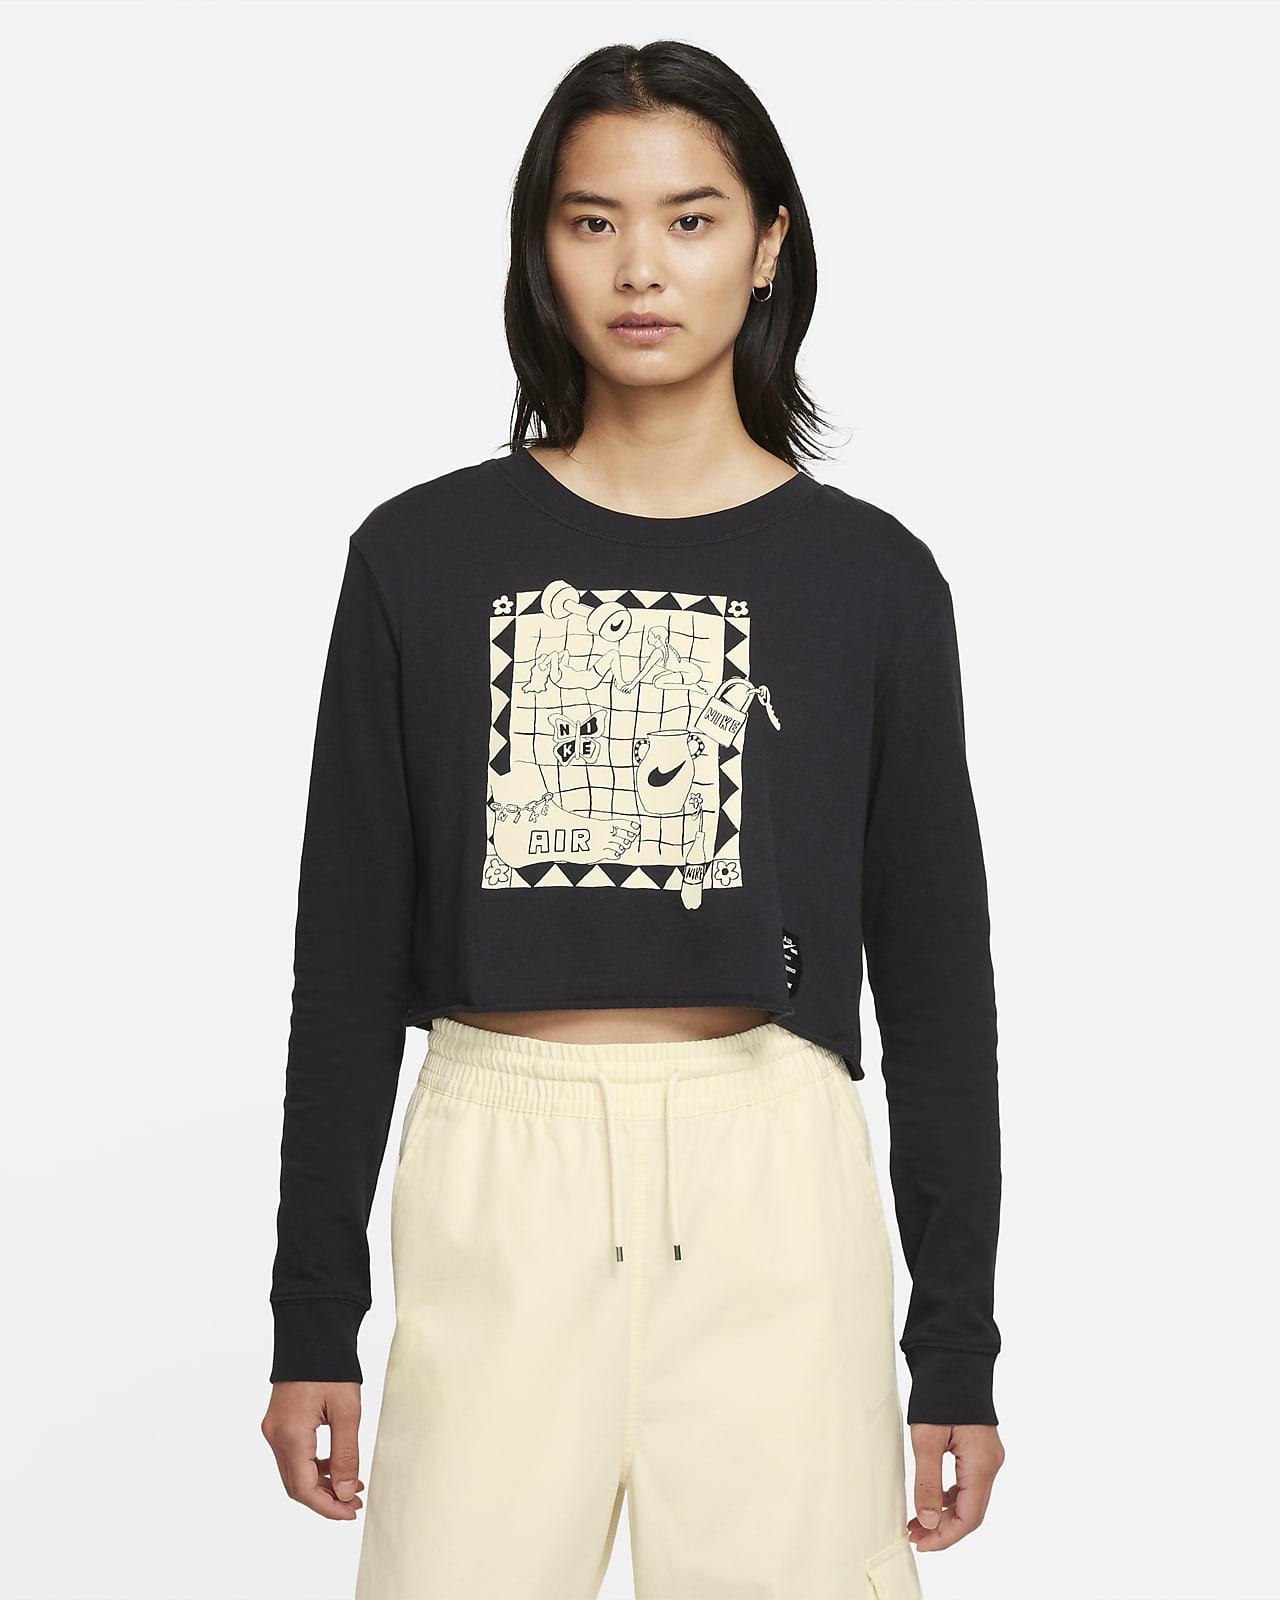 Nike Sportswear Women's Cropped Long-Sleeve T-Shirt